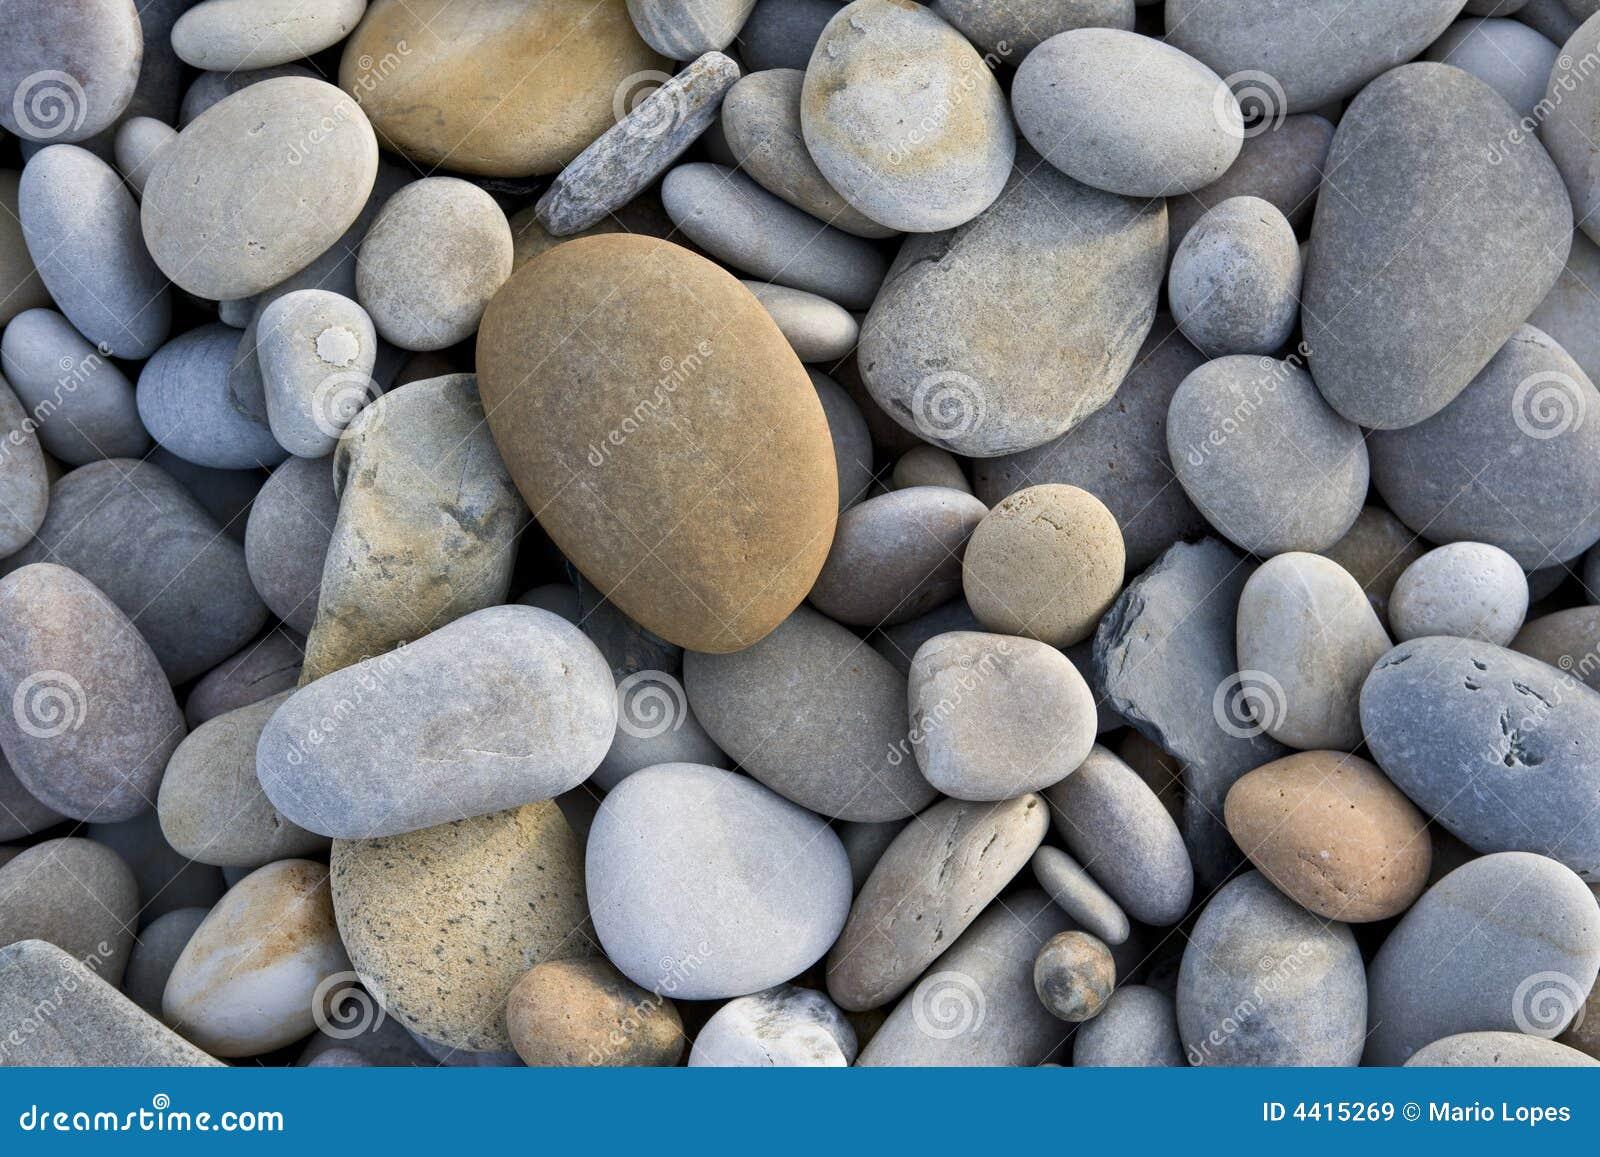 Vat achtergrond met ronde stenen samen stock afbeelding afbeelding 4415269 - Tuinuitleg met stenen ...